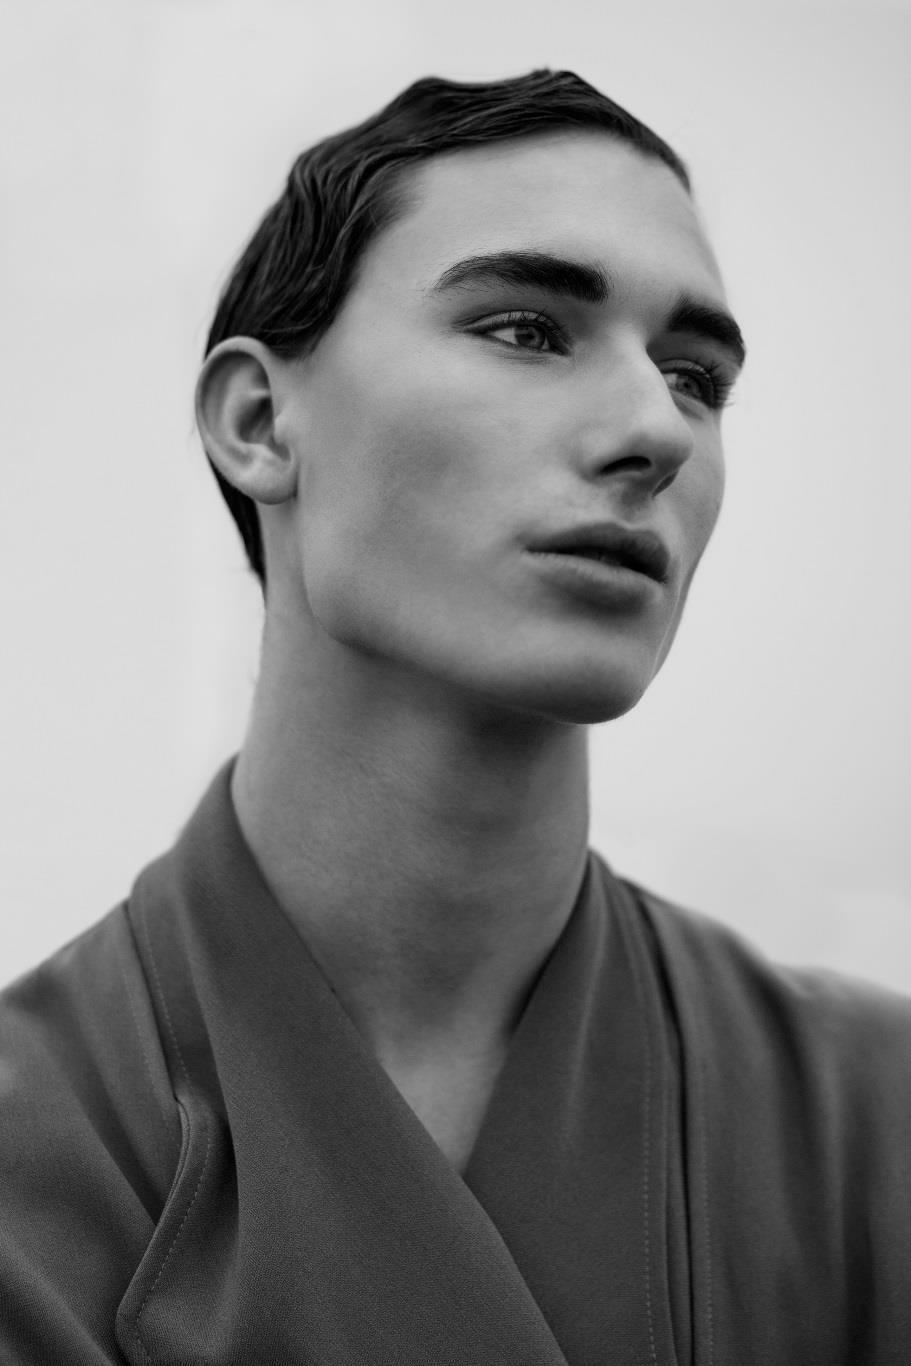 Männerportrait 20er Jahre 02